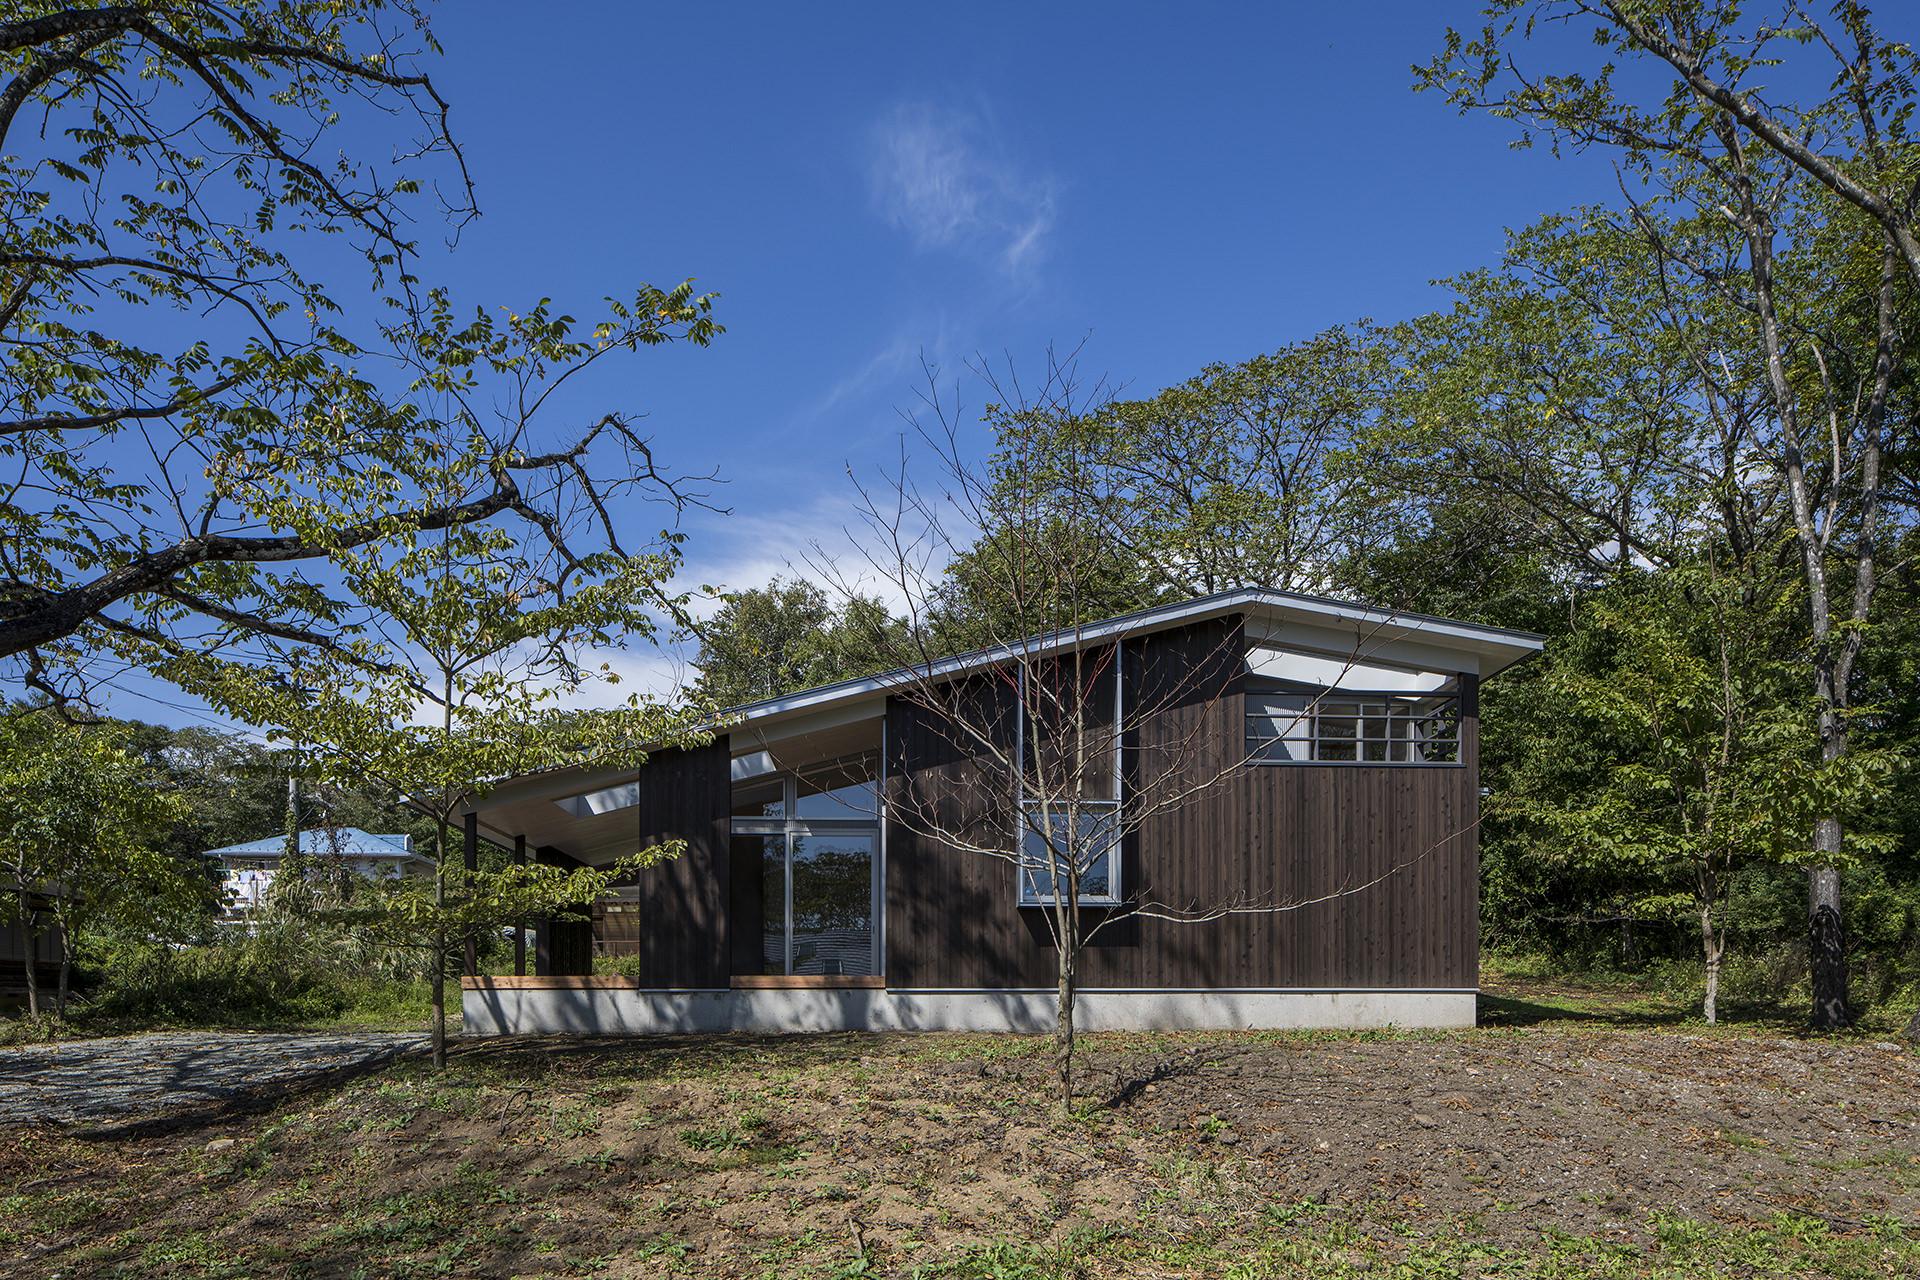 自然に寄り添う、アウトドアリビングをもつ大屋根の家 イメージ3 撮影:東涌写真事務所・東涌宏和